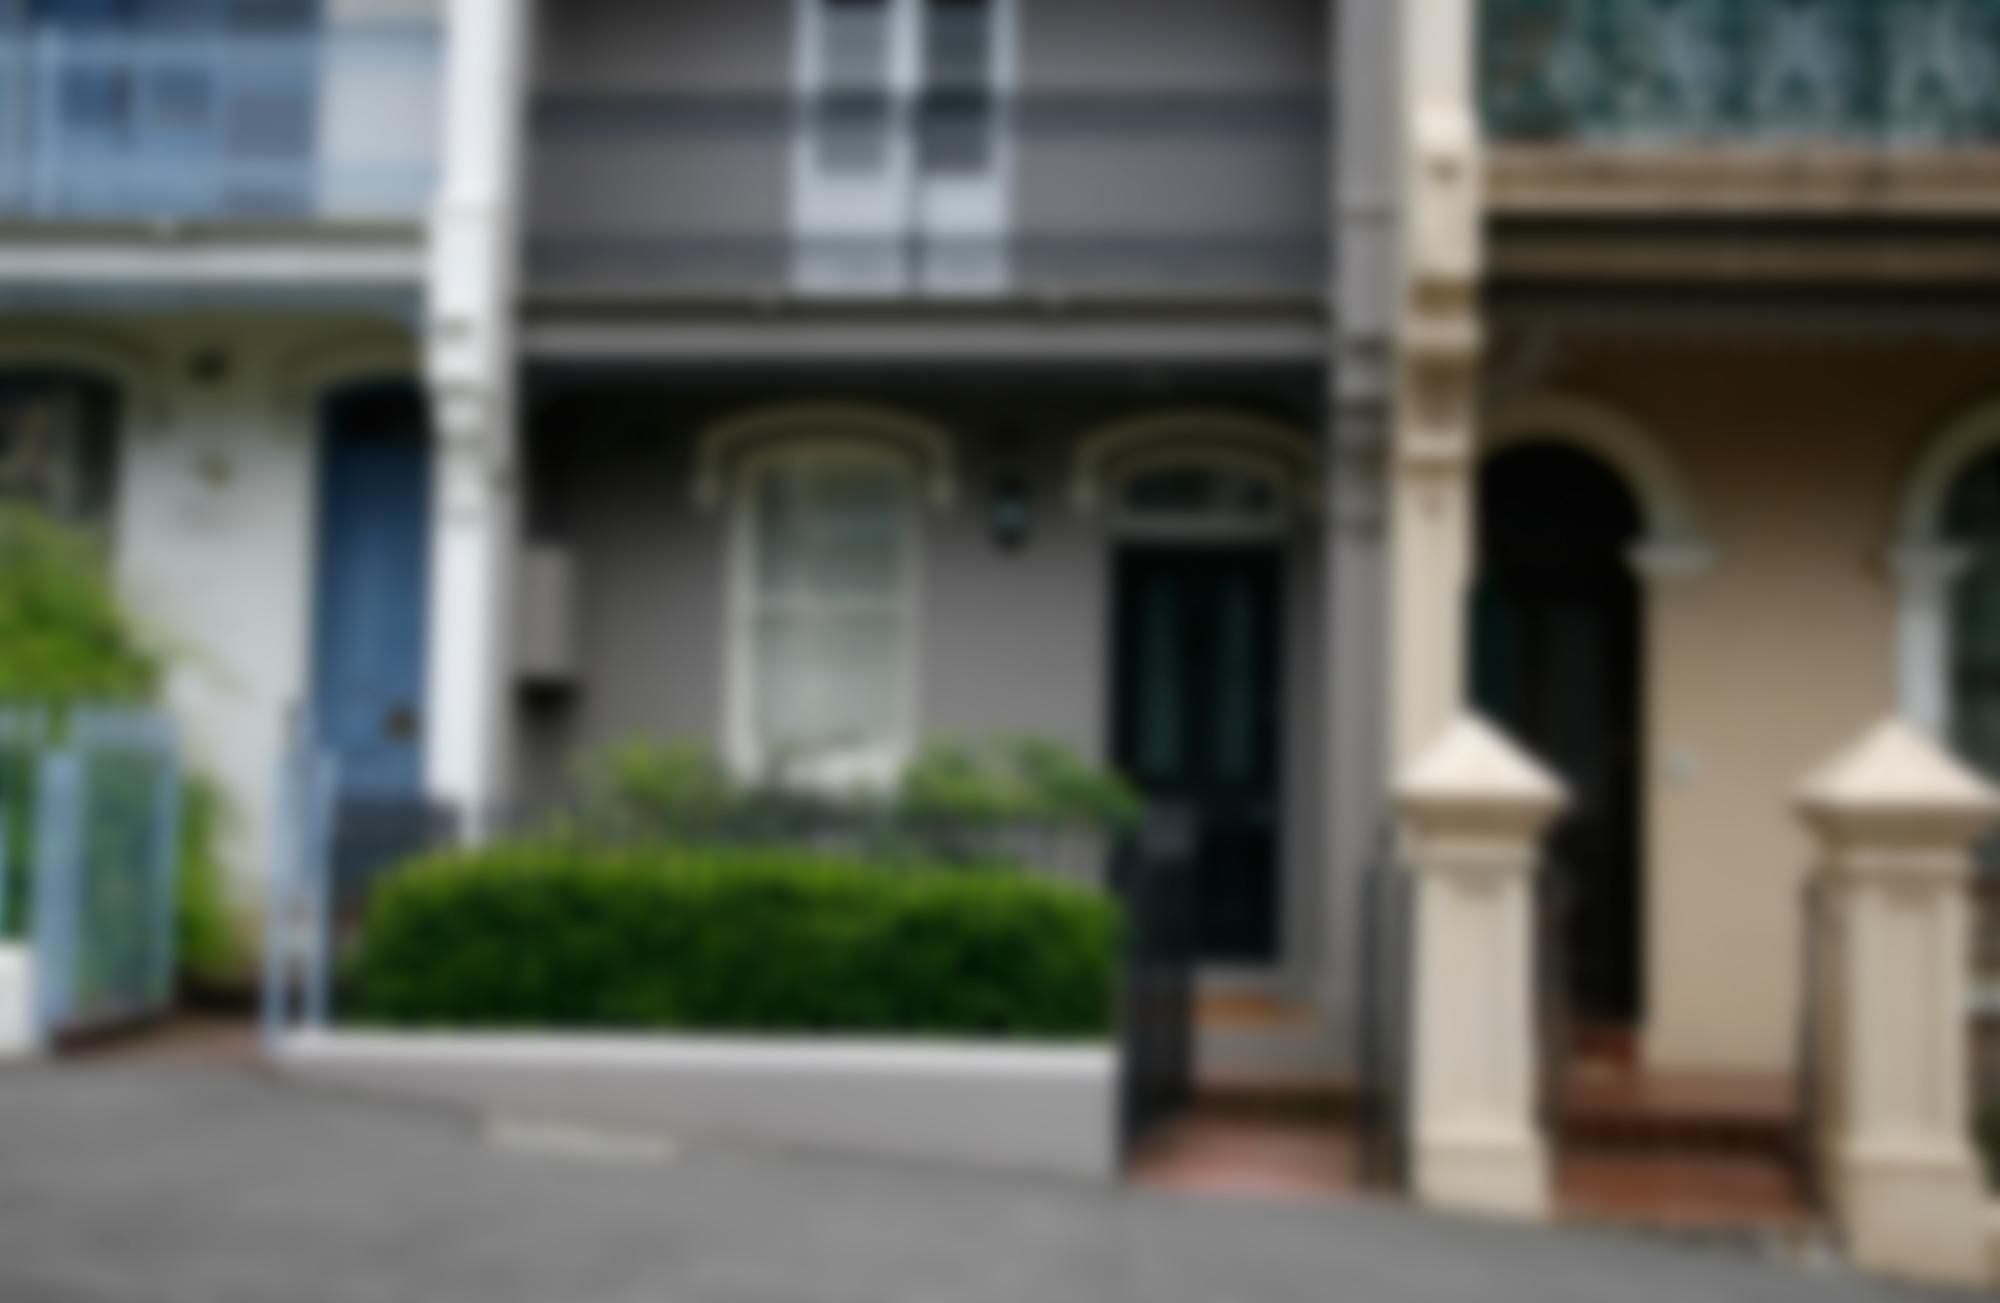 https://assets.boxdice.com.au/one-agency/attachments/ff7/fec/auction_banner2.jpg?06513f8c170d71c1d67183356b83324f